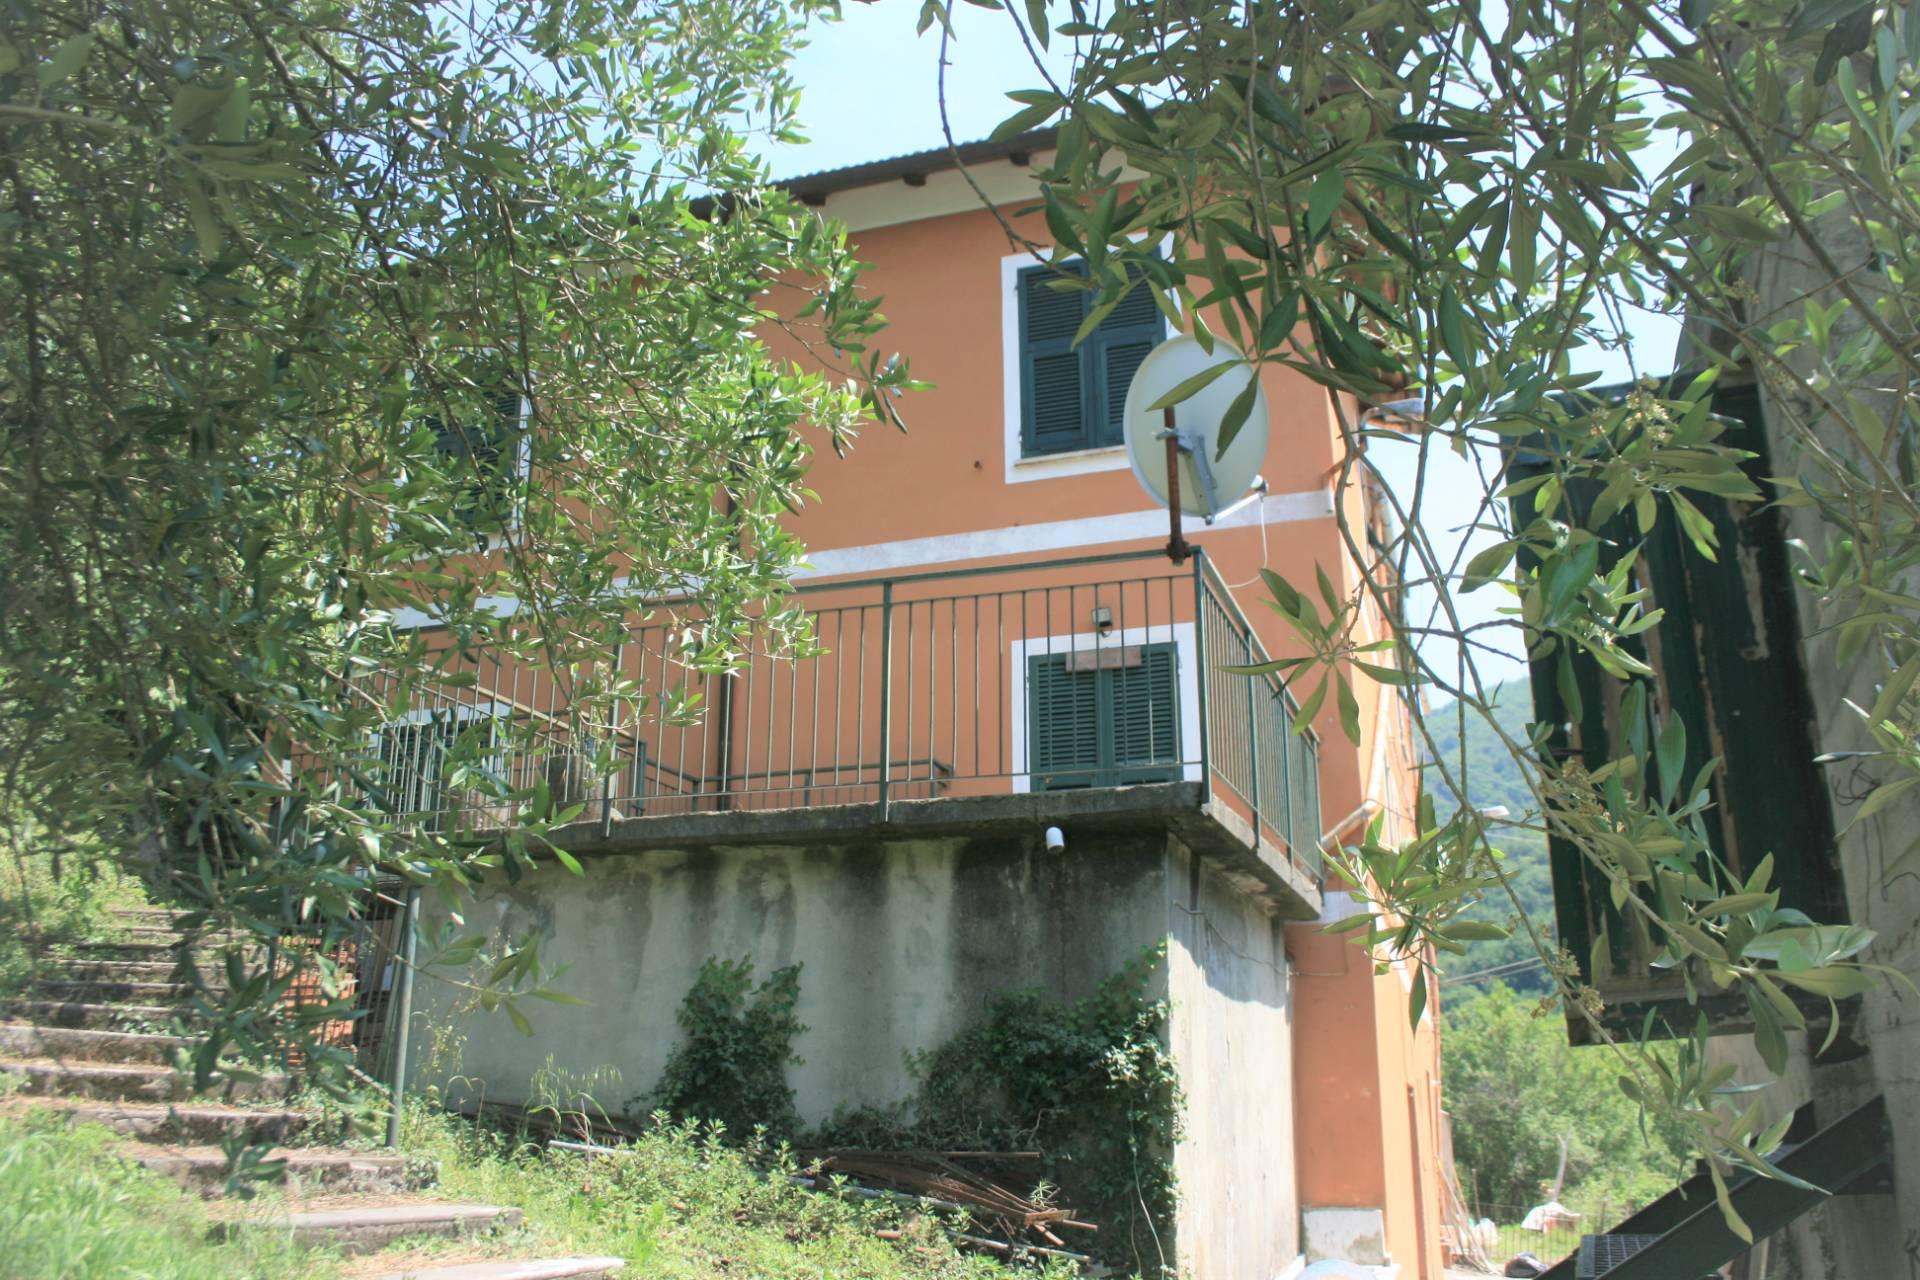 Soluzione Semindipendente in vendita a Serra Riccò, 11 locali, zona monte, prezzo € 155.000   PortaleAgenzieImmobiliari.it